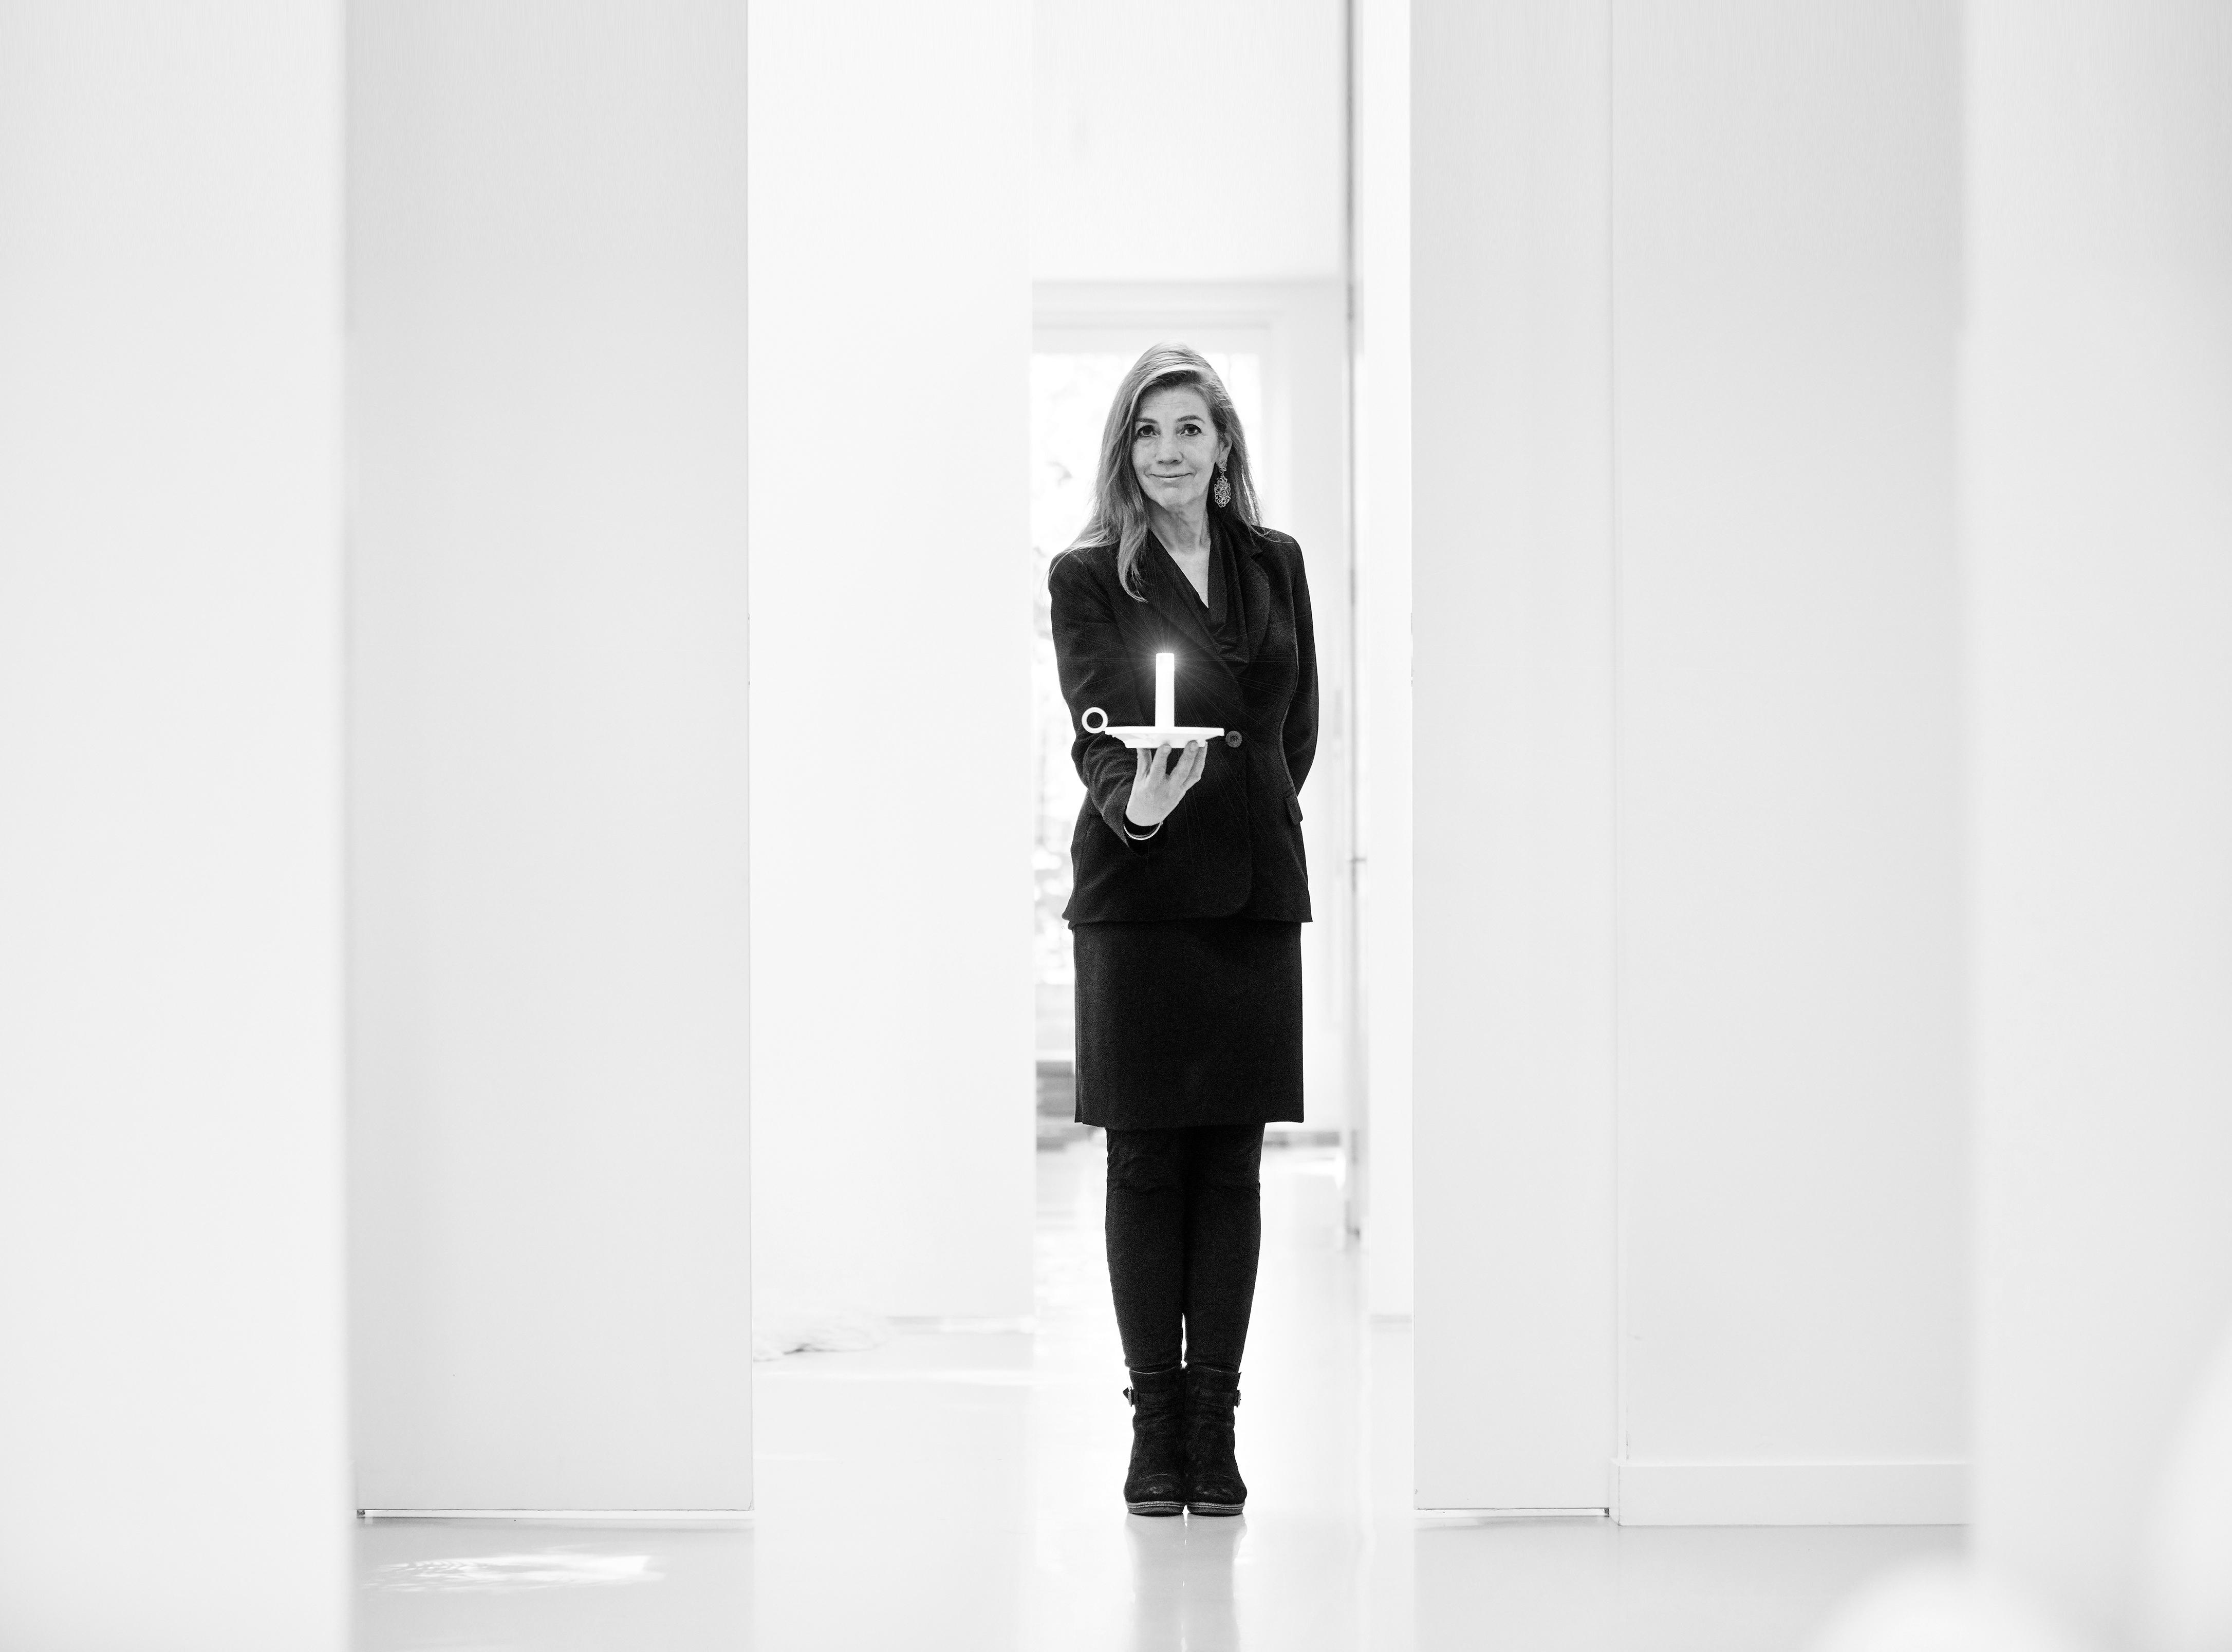 Annet van Egmond_Miss Nightingale